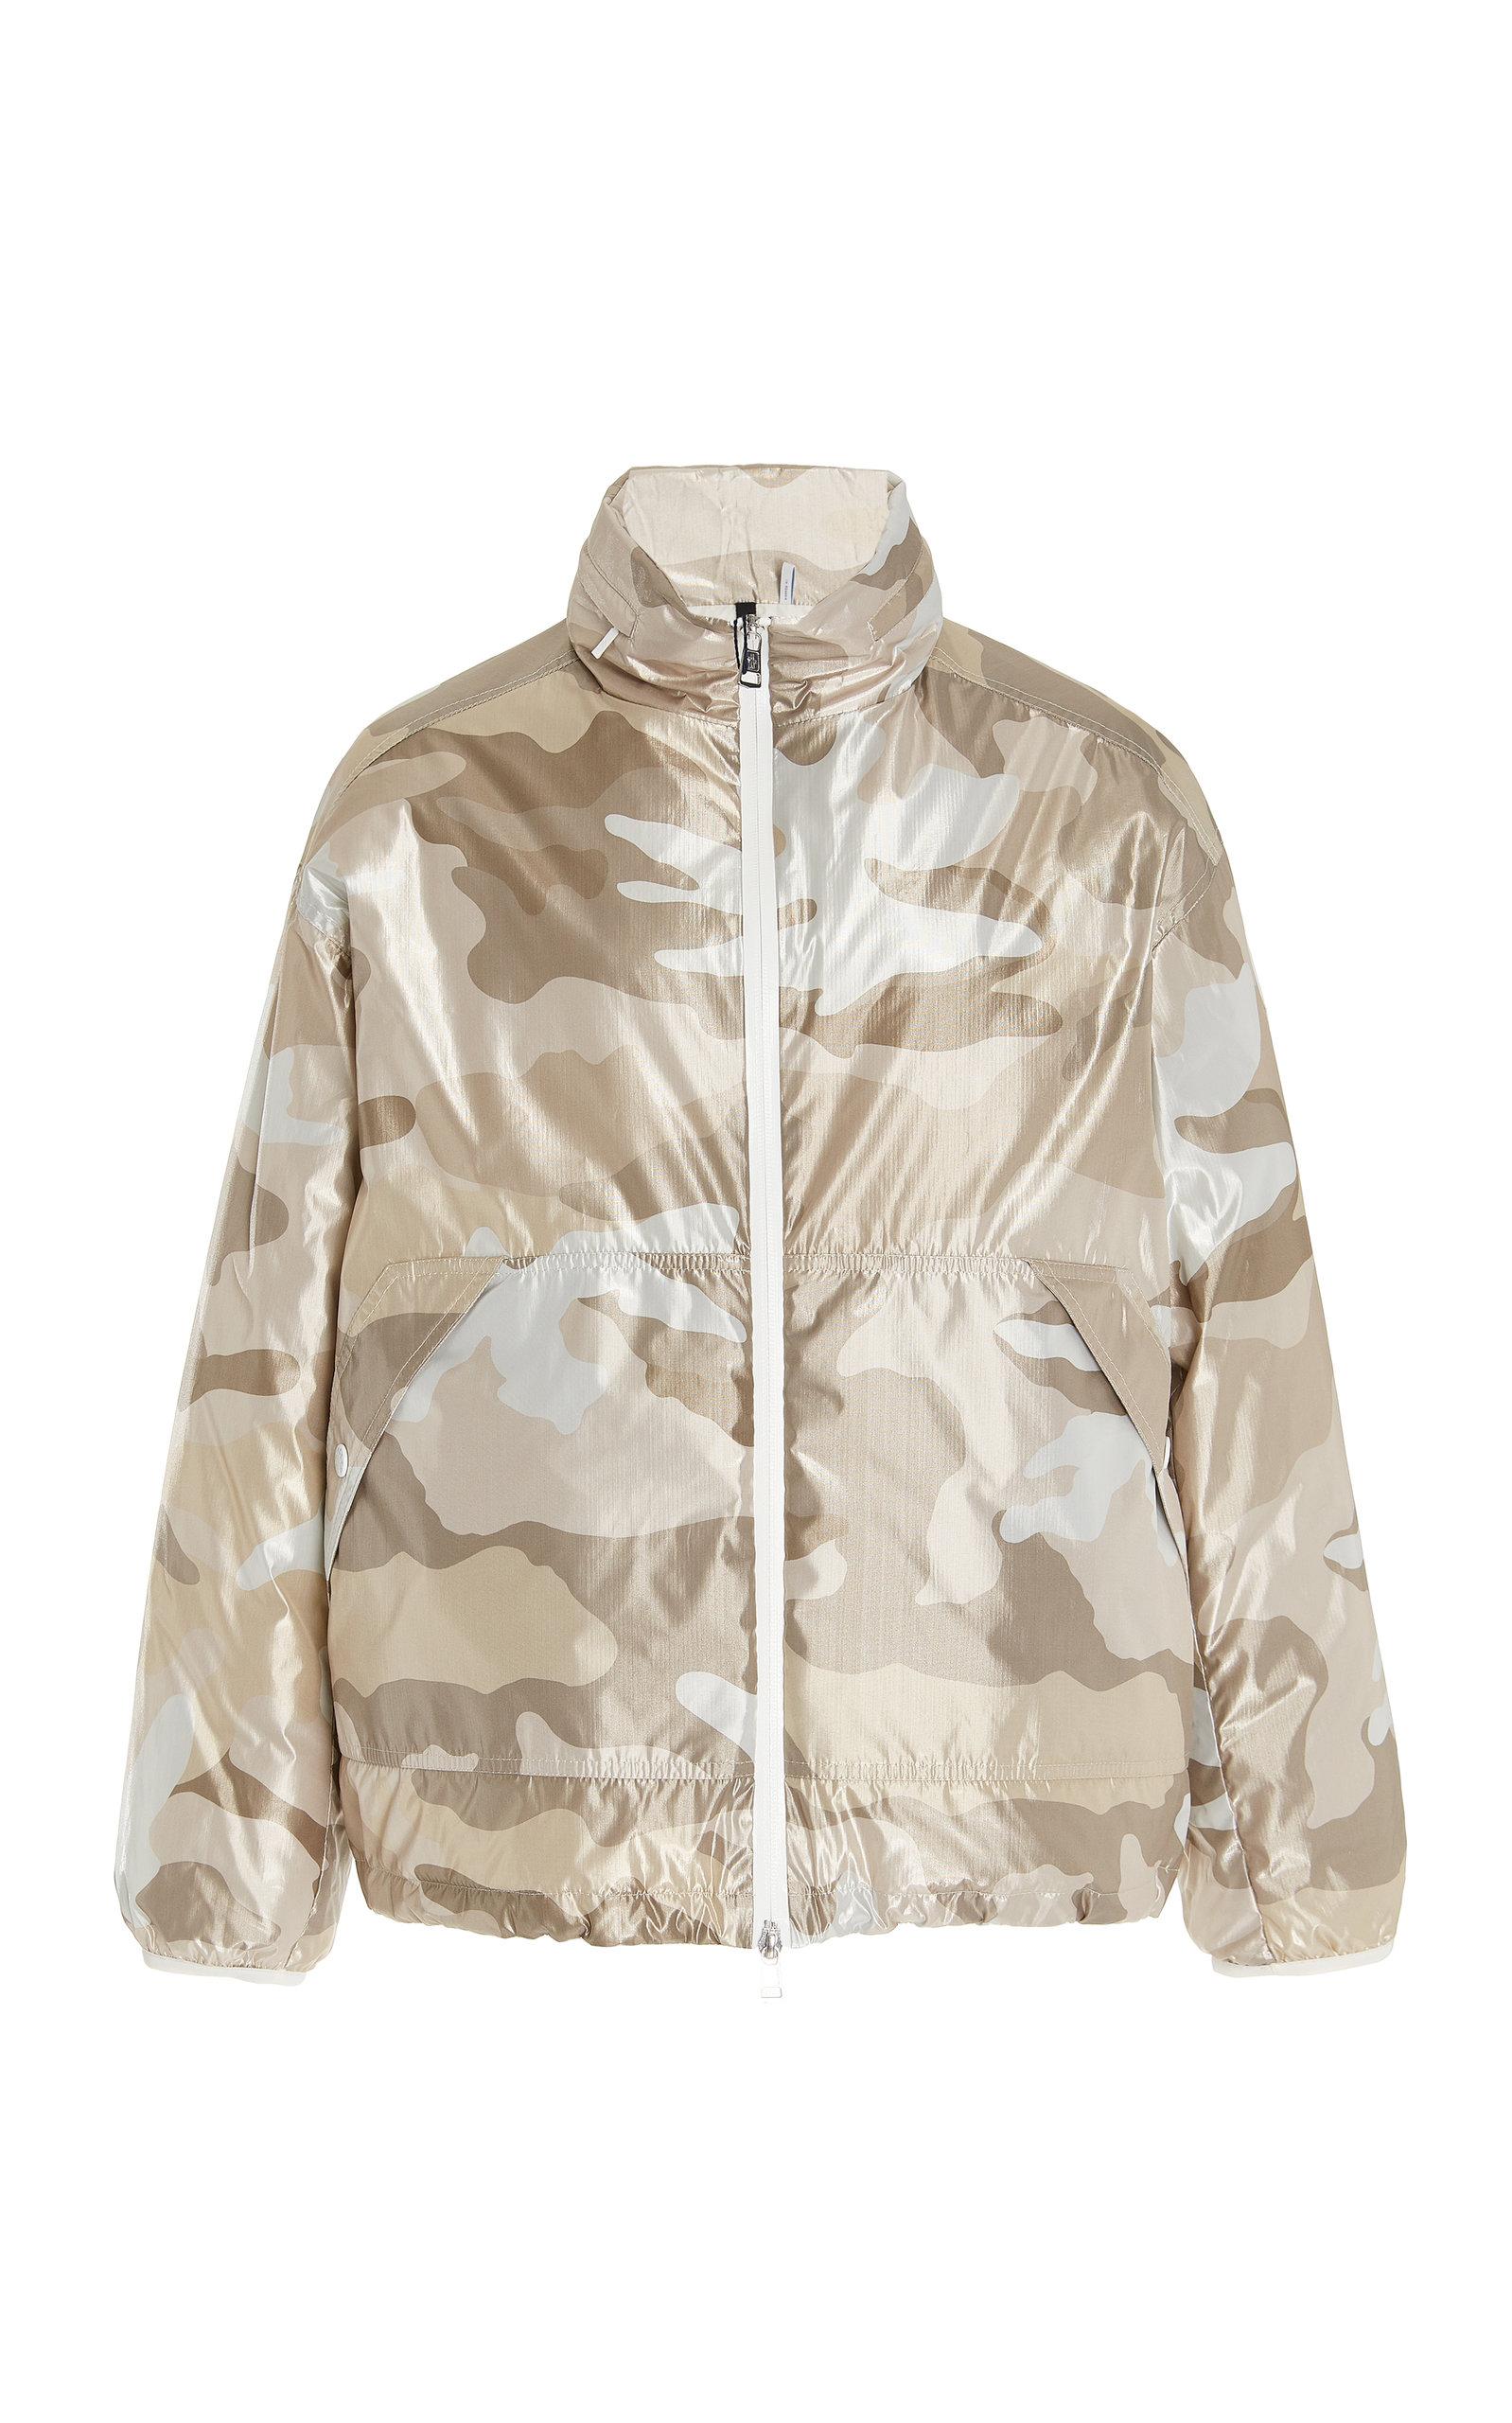 Moncler - Women's Menchib Camouflage Down Shell Jacket - Print - Moda Operandi